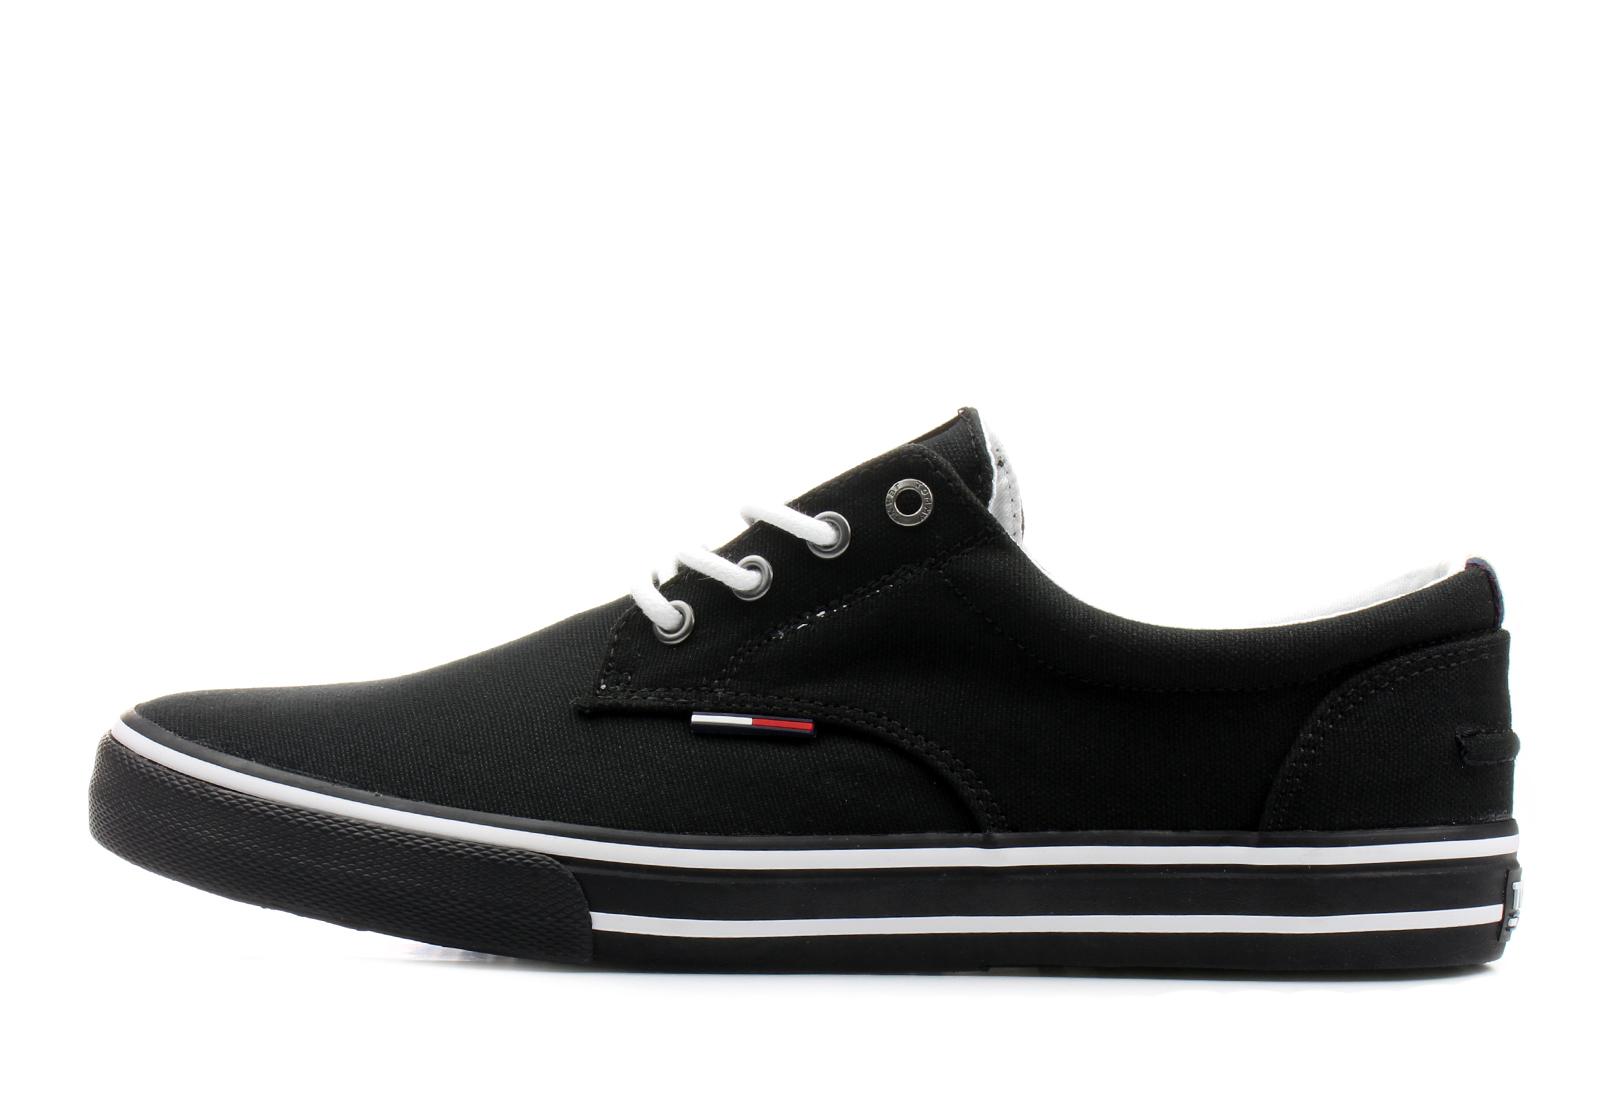 3767baa302 Tommy Hilfiger Cipő - Vic 1d2 - 18S-0001-990 - Office Shoes Magyarország